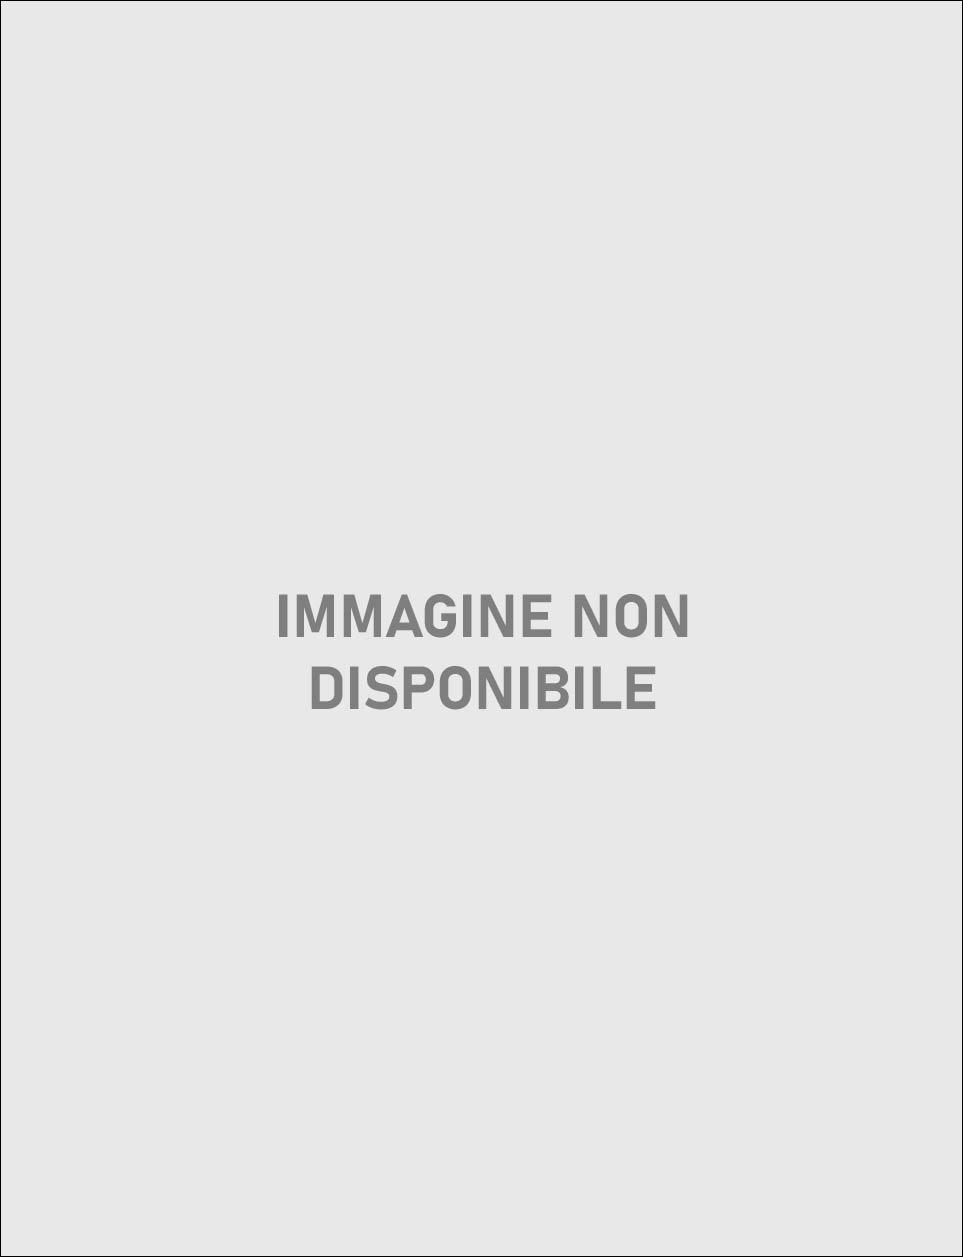 T-shirt forbicicoloreGrigio scuro